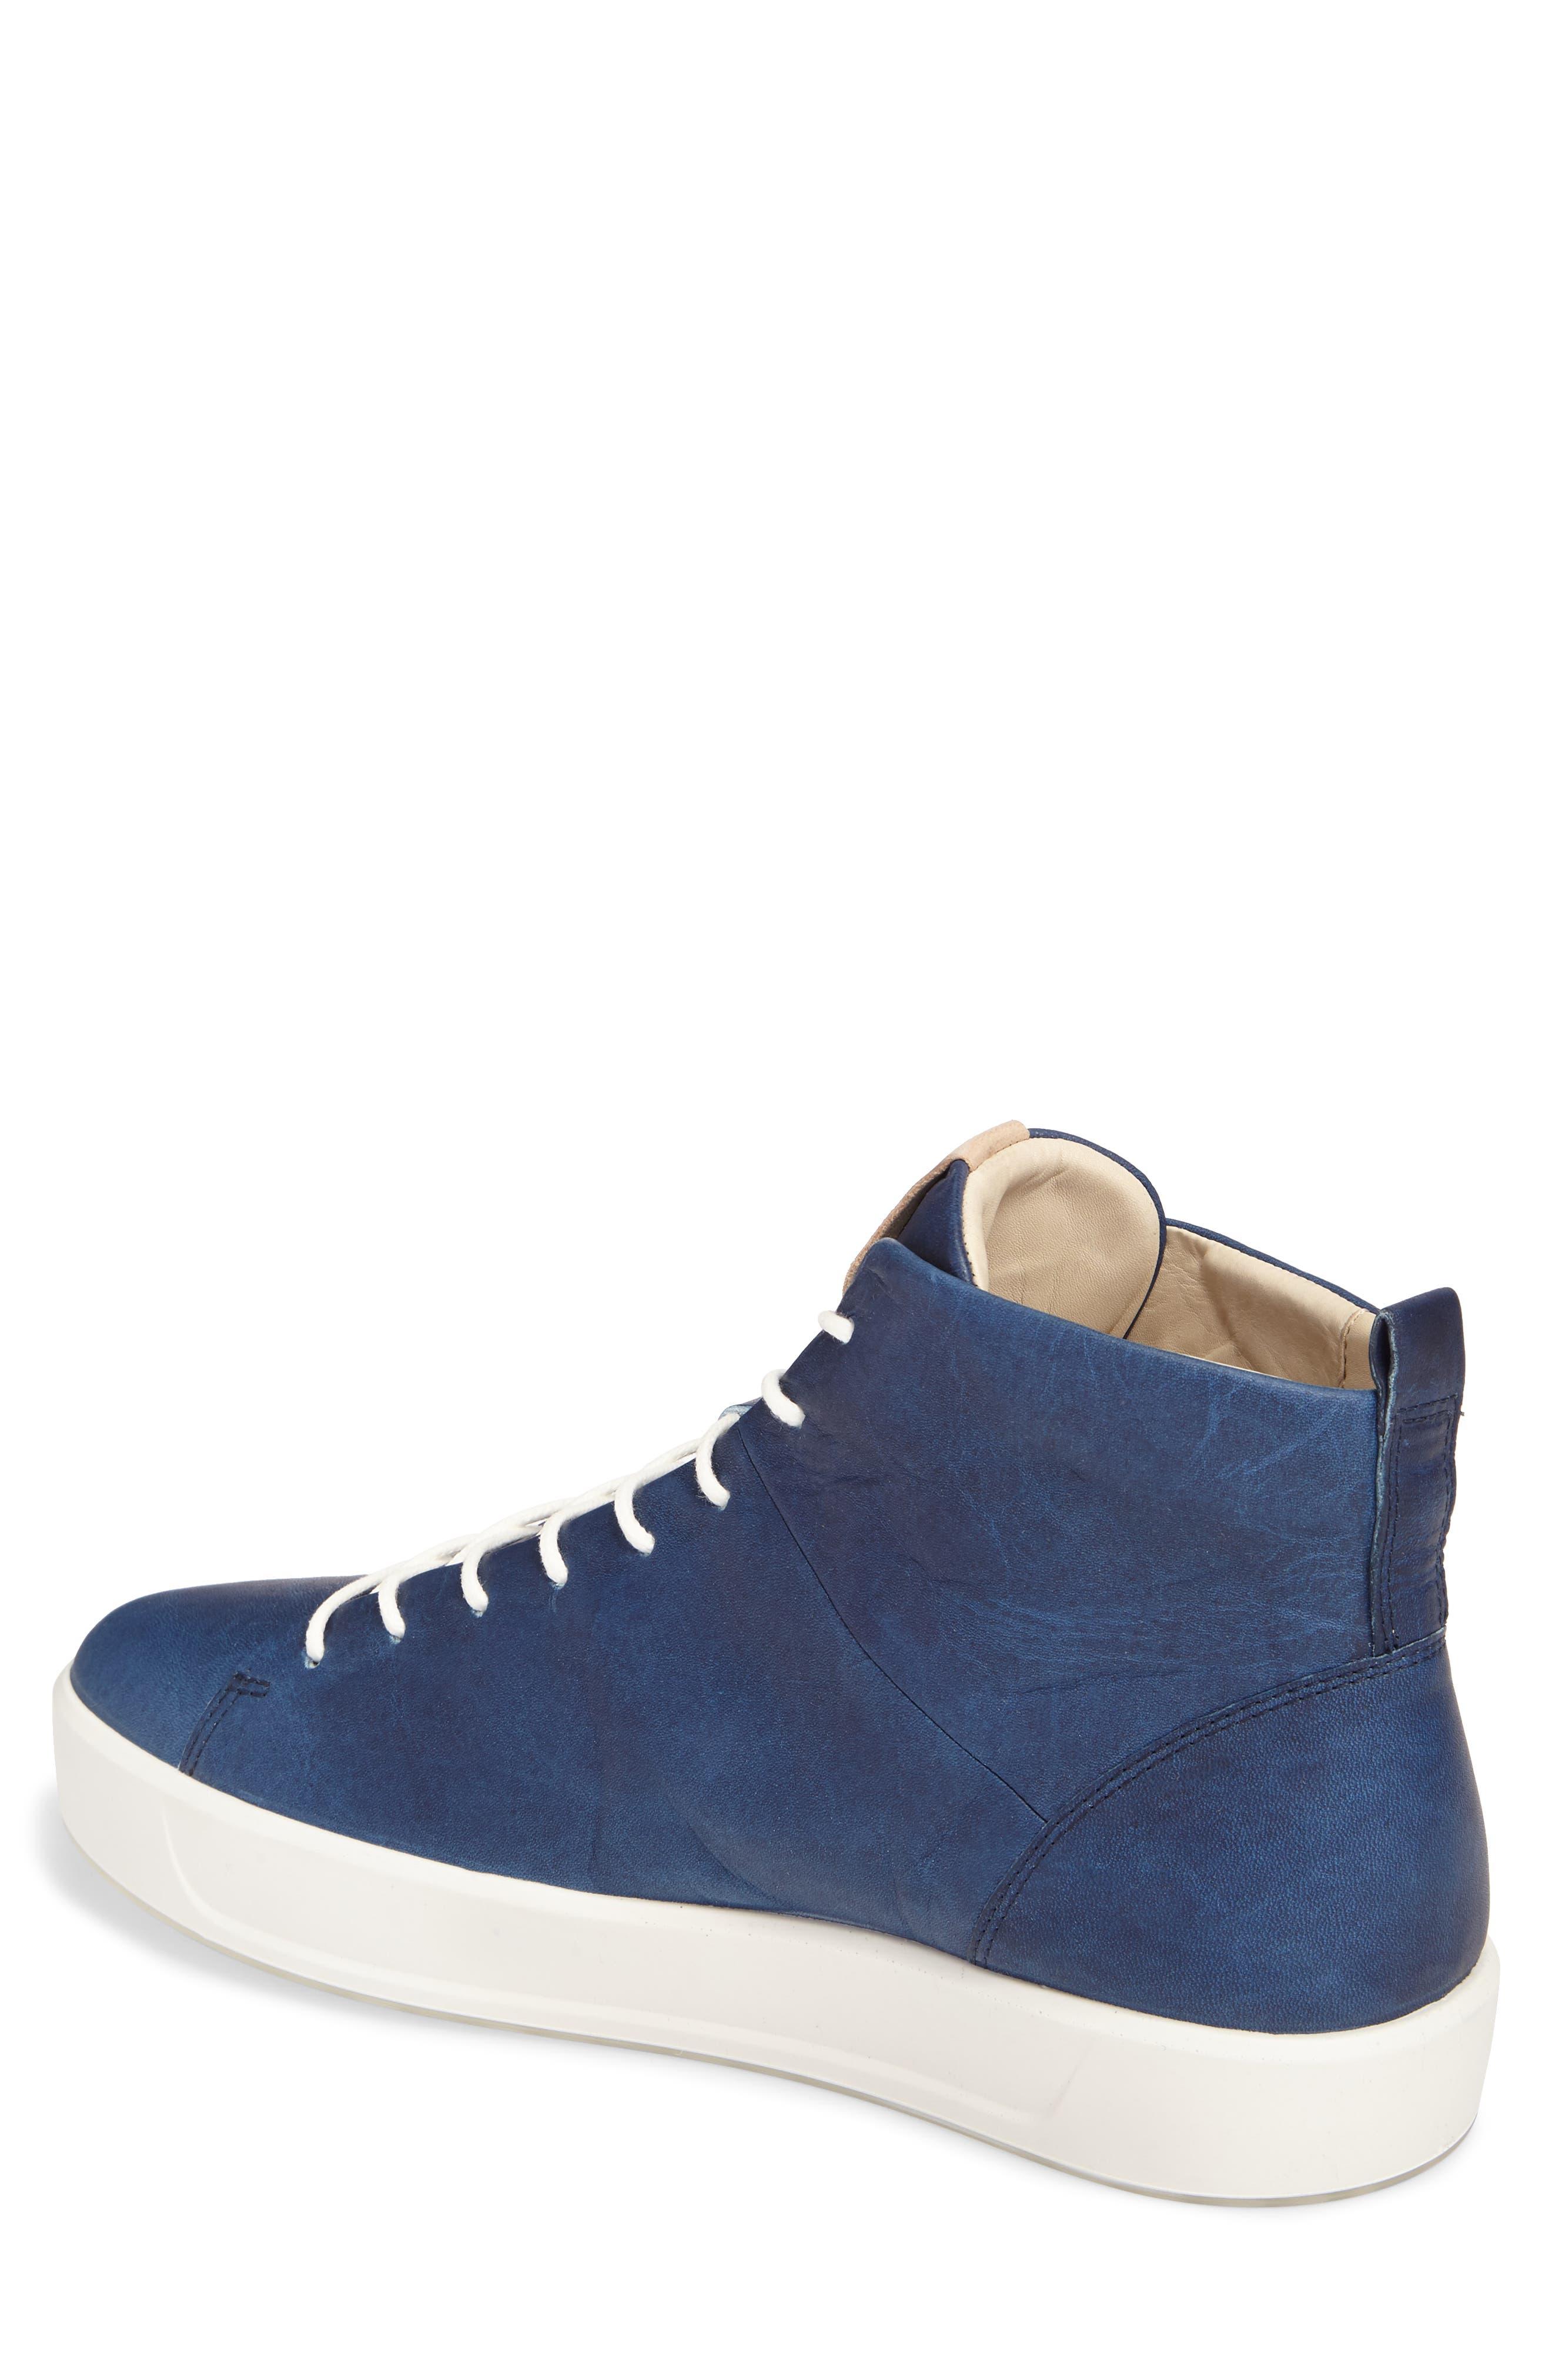 Soft 8 Sneaker,                             Alternate thumbnail 8, color,